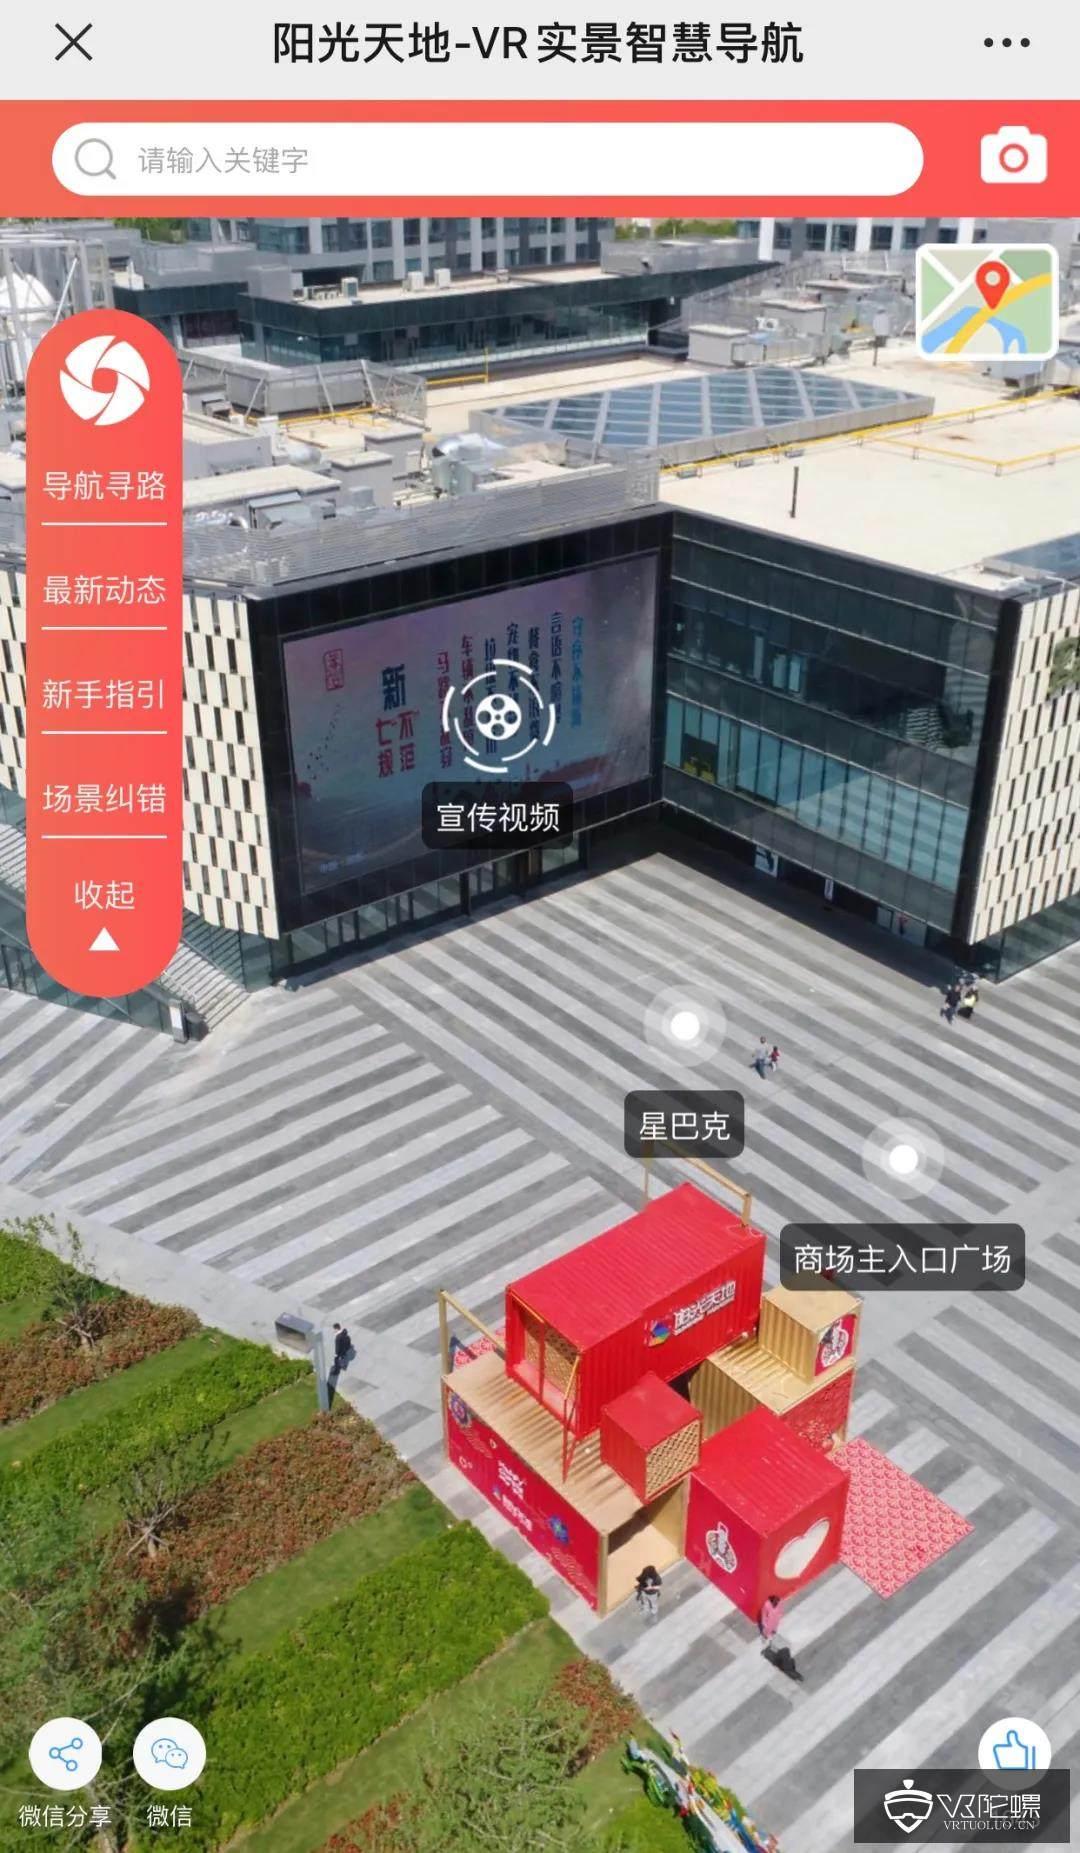 说明: A picture containing building, truckDescription automatically generated